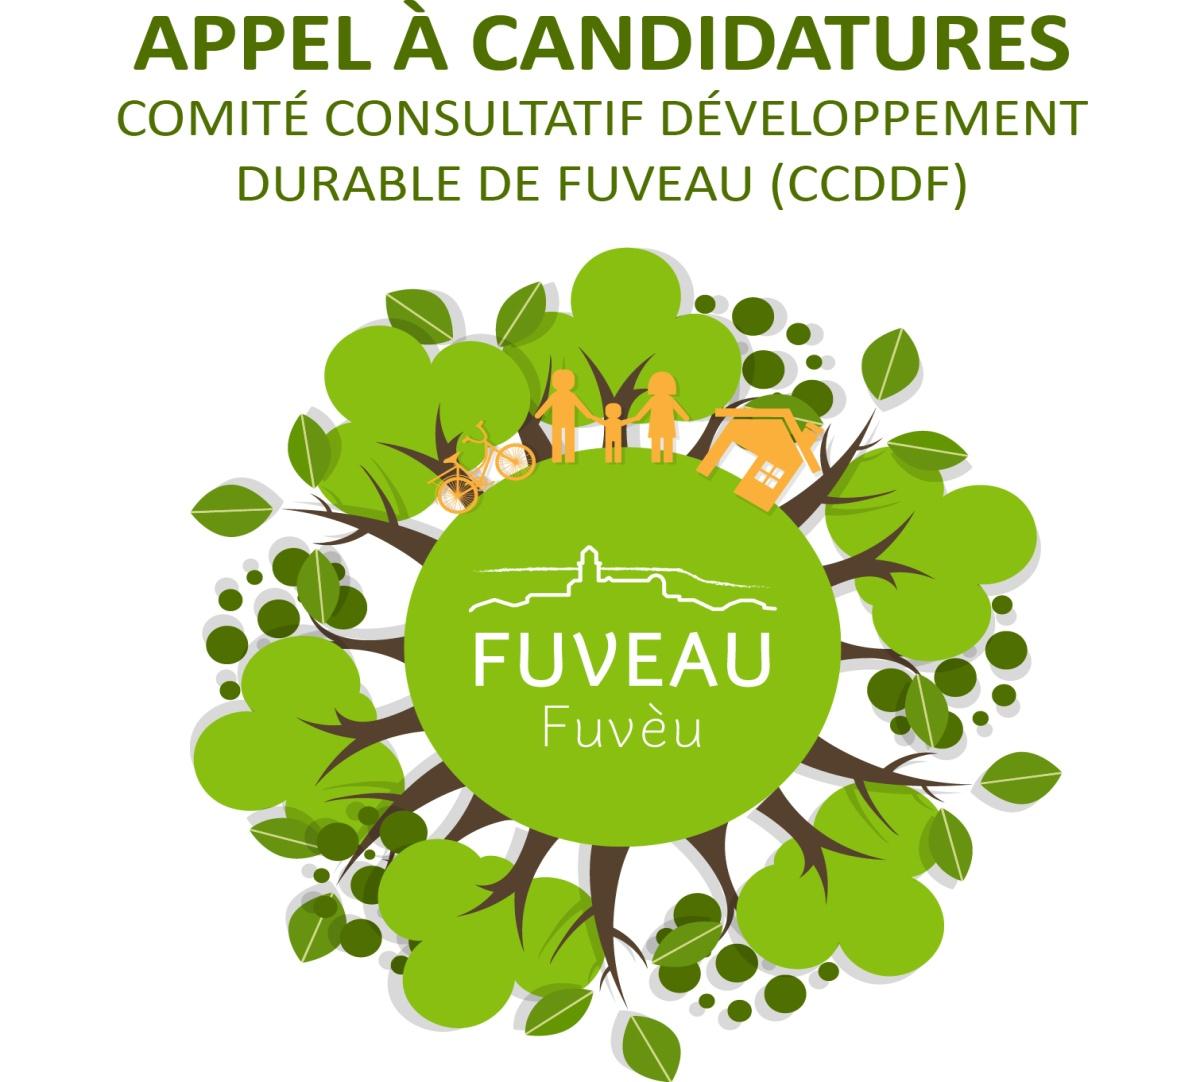 2021 03 02 Appel à candidature Comité consultatif développement durable